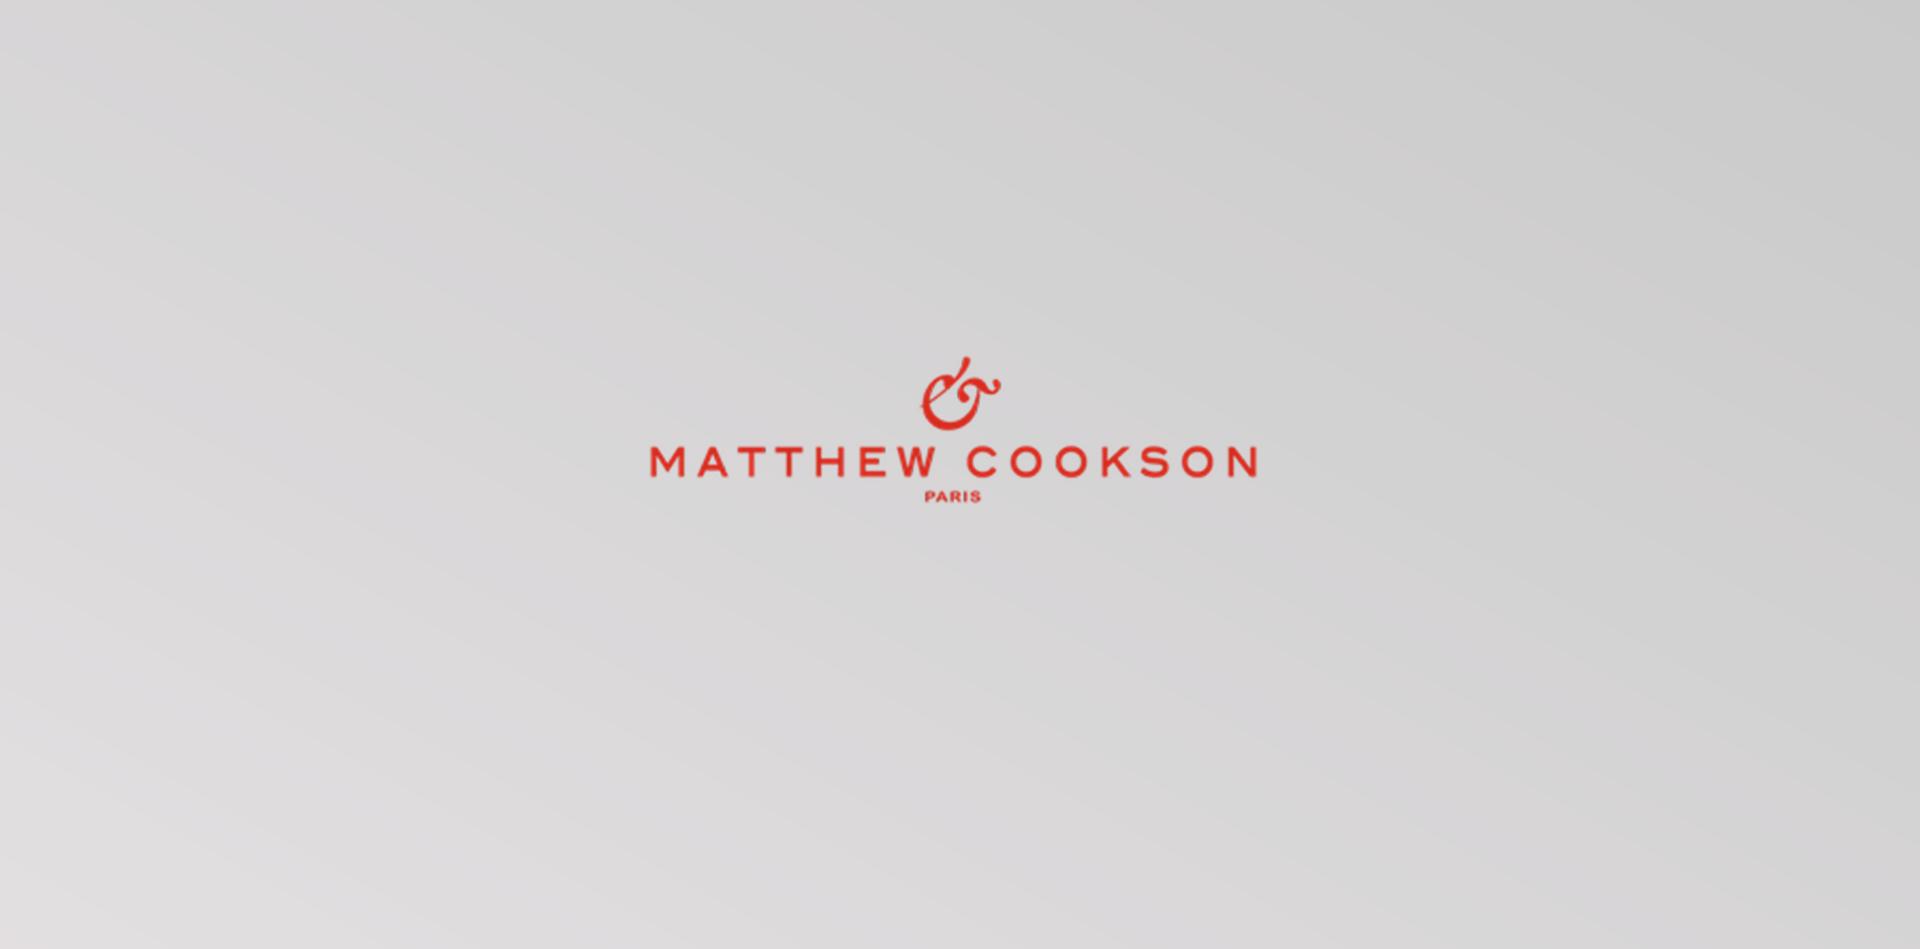 Matthew Cookson product configurator